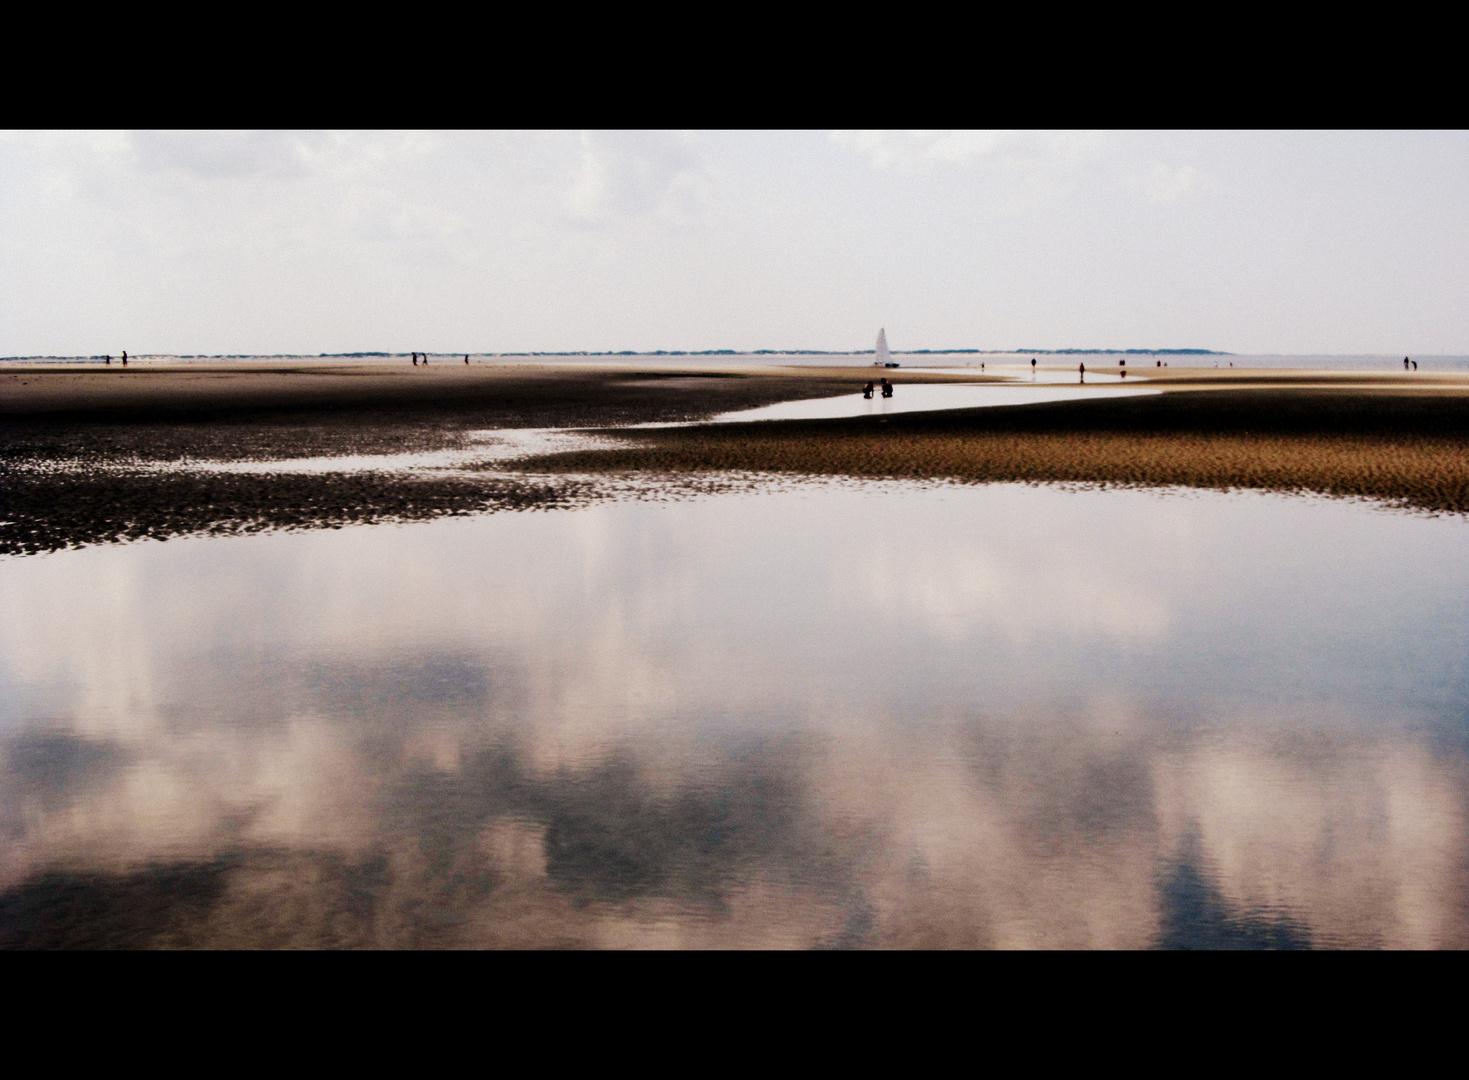 Spiegelungen am Strand